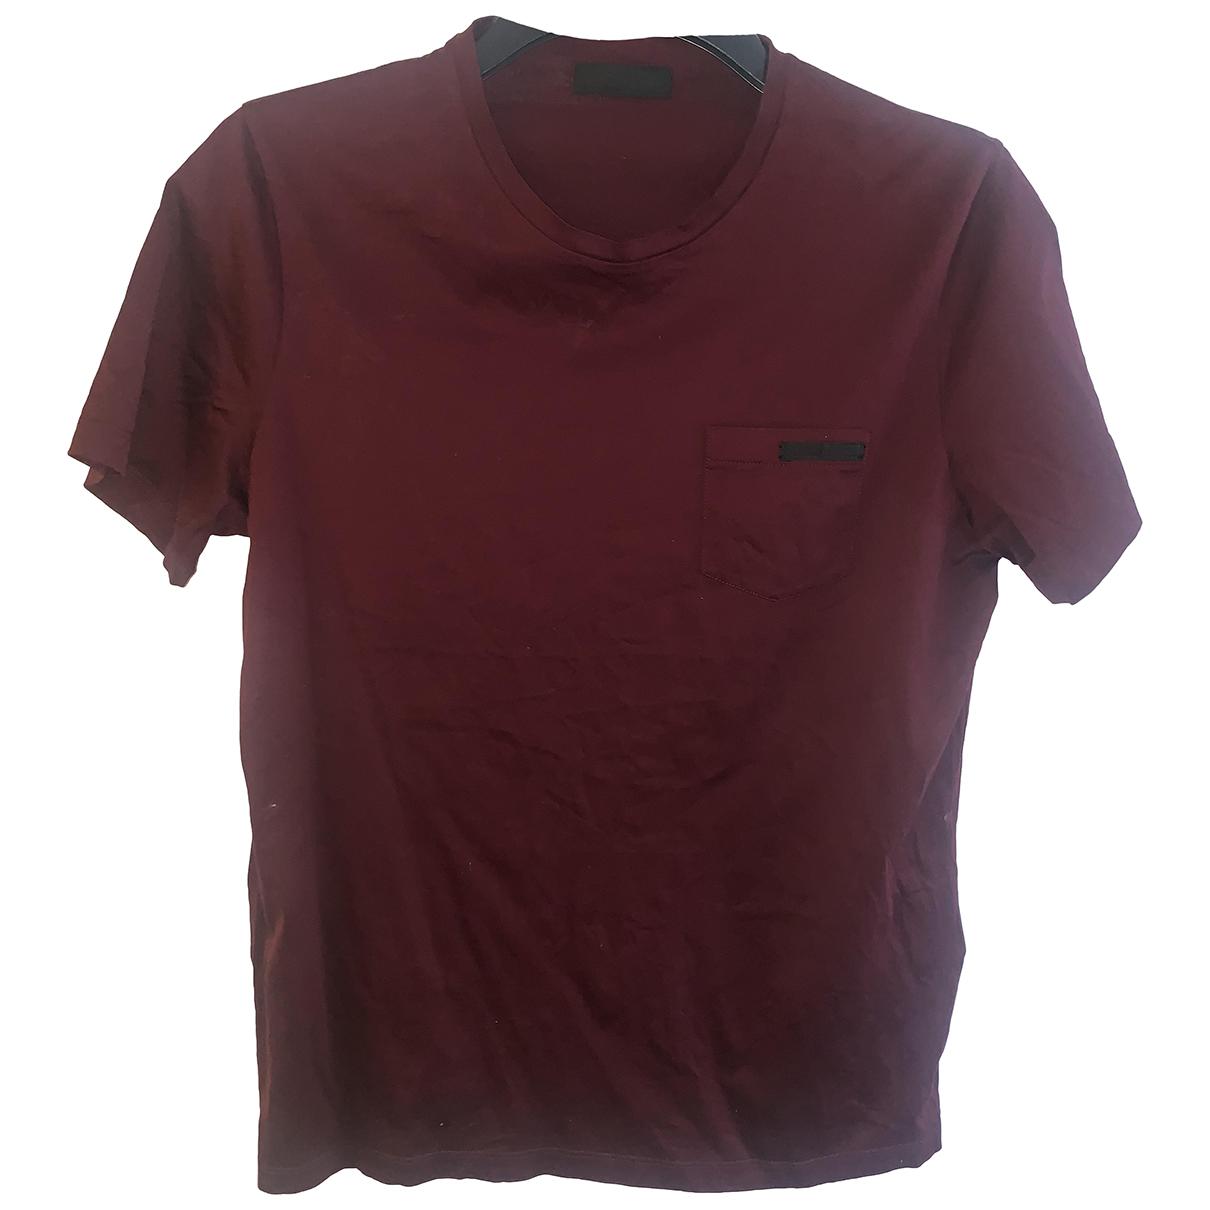 Prada - Tee shirts   pour homme en coton - bordeaux